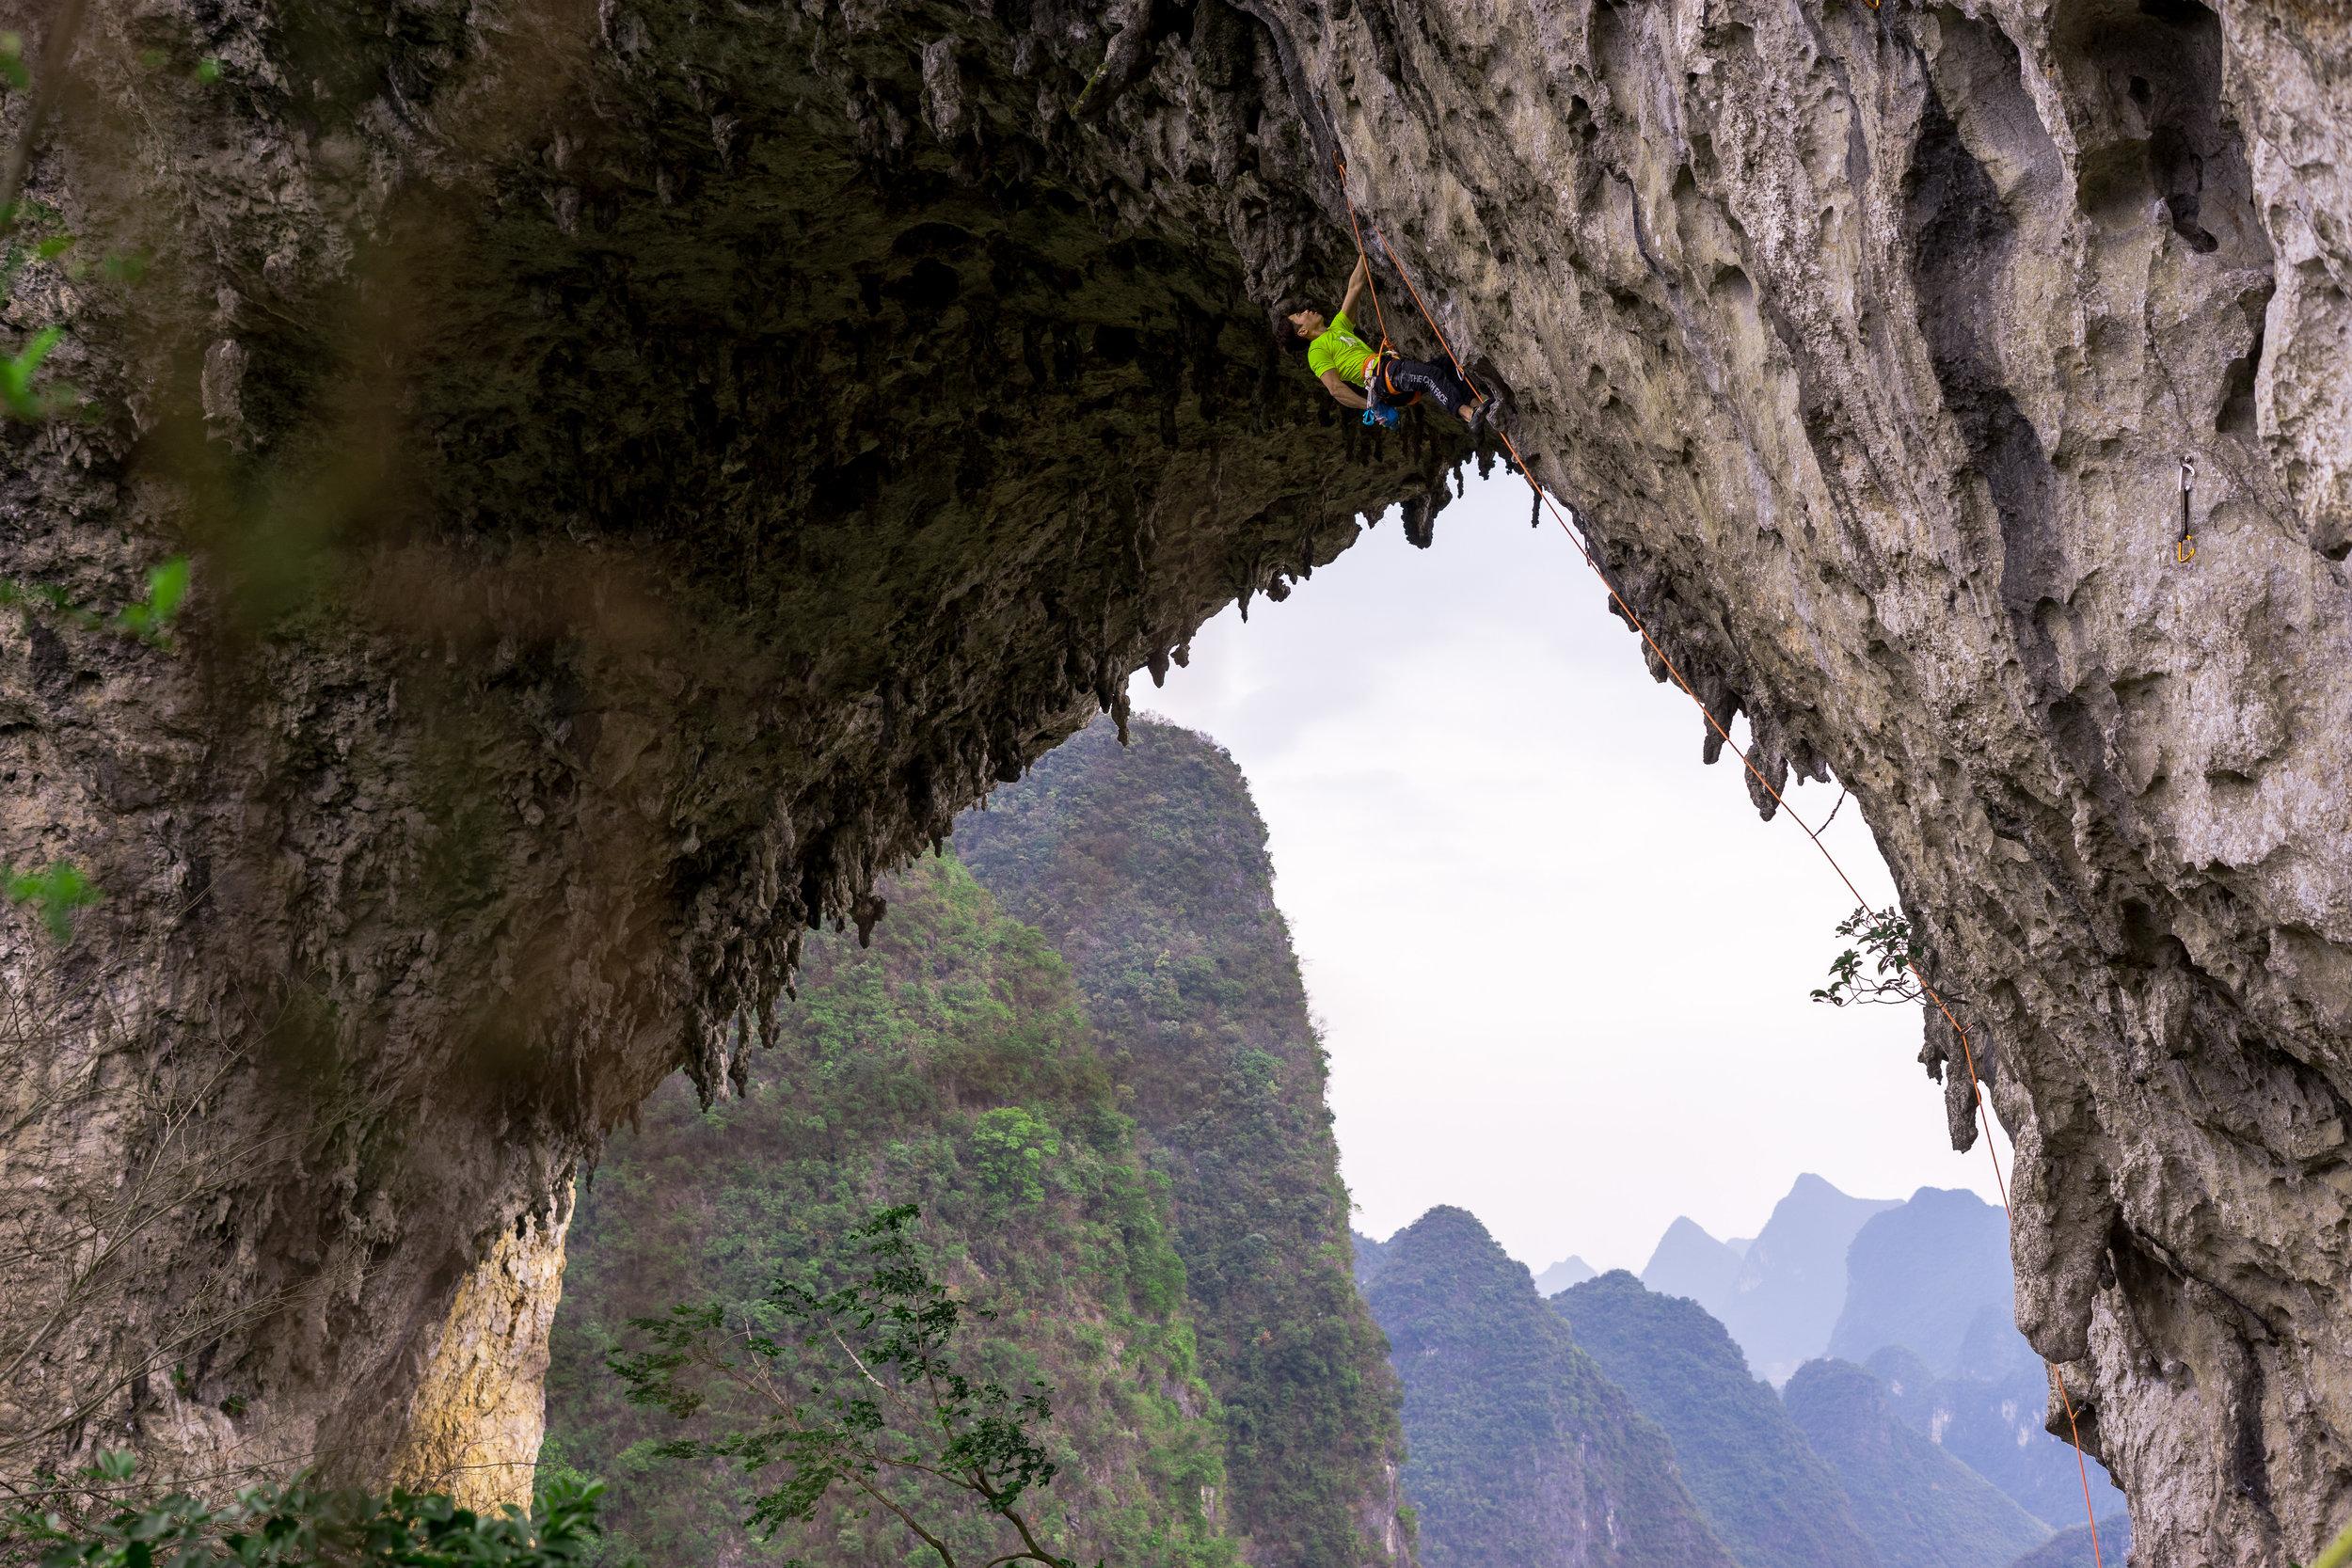 Korean climber at Moon Hill Yangshuo, China